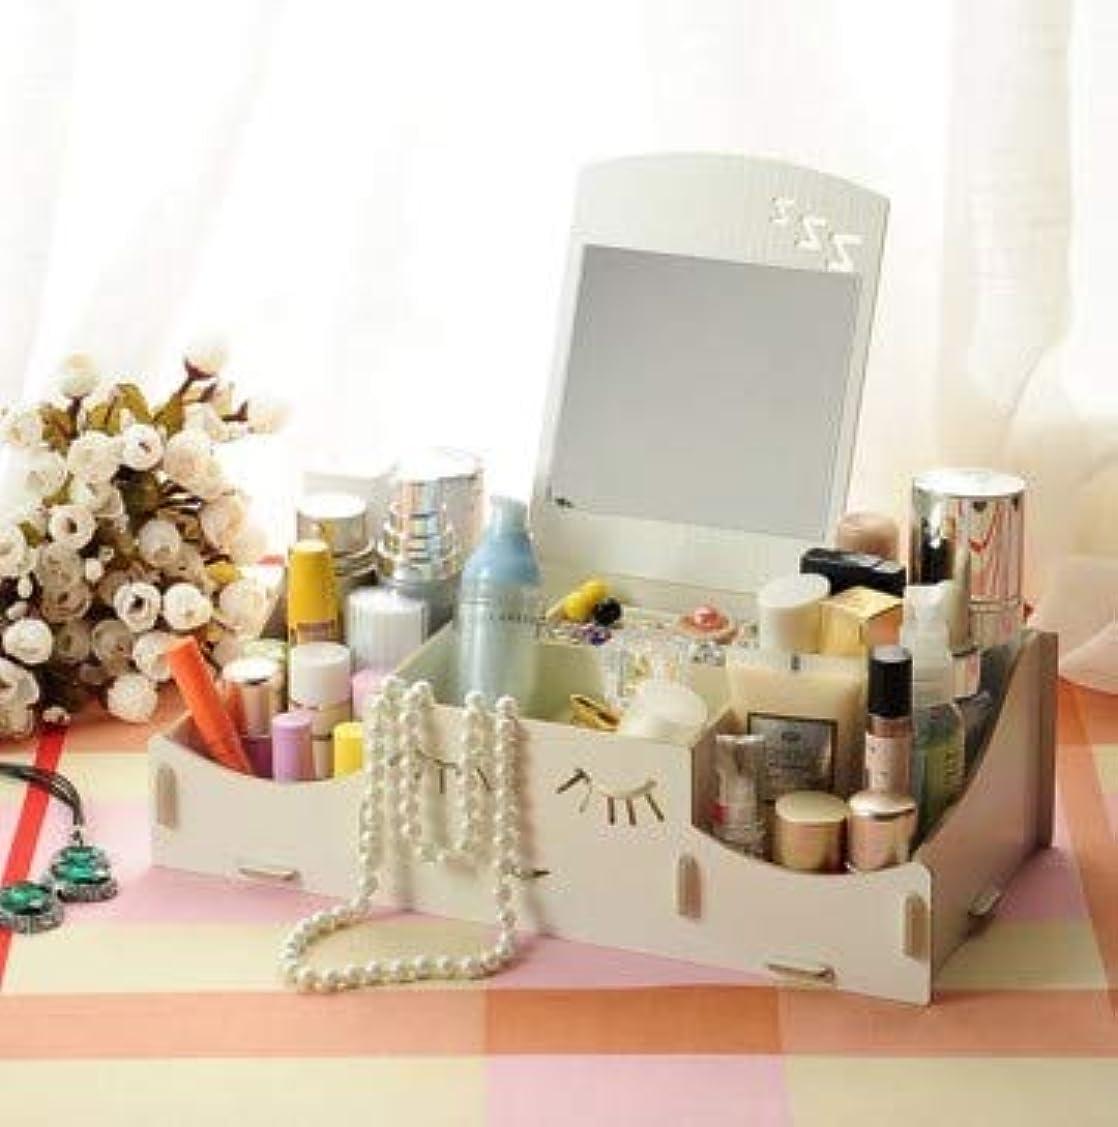 スマイリー木製クリエイティブ収納ボックス手作りデスクトップミラー化粧品収納ボックス化粧品収納ボックス (Color : ホワイト)